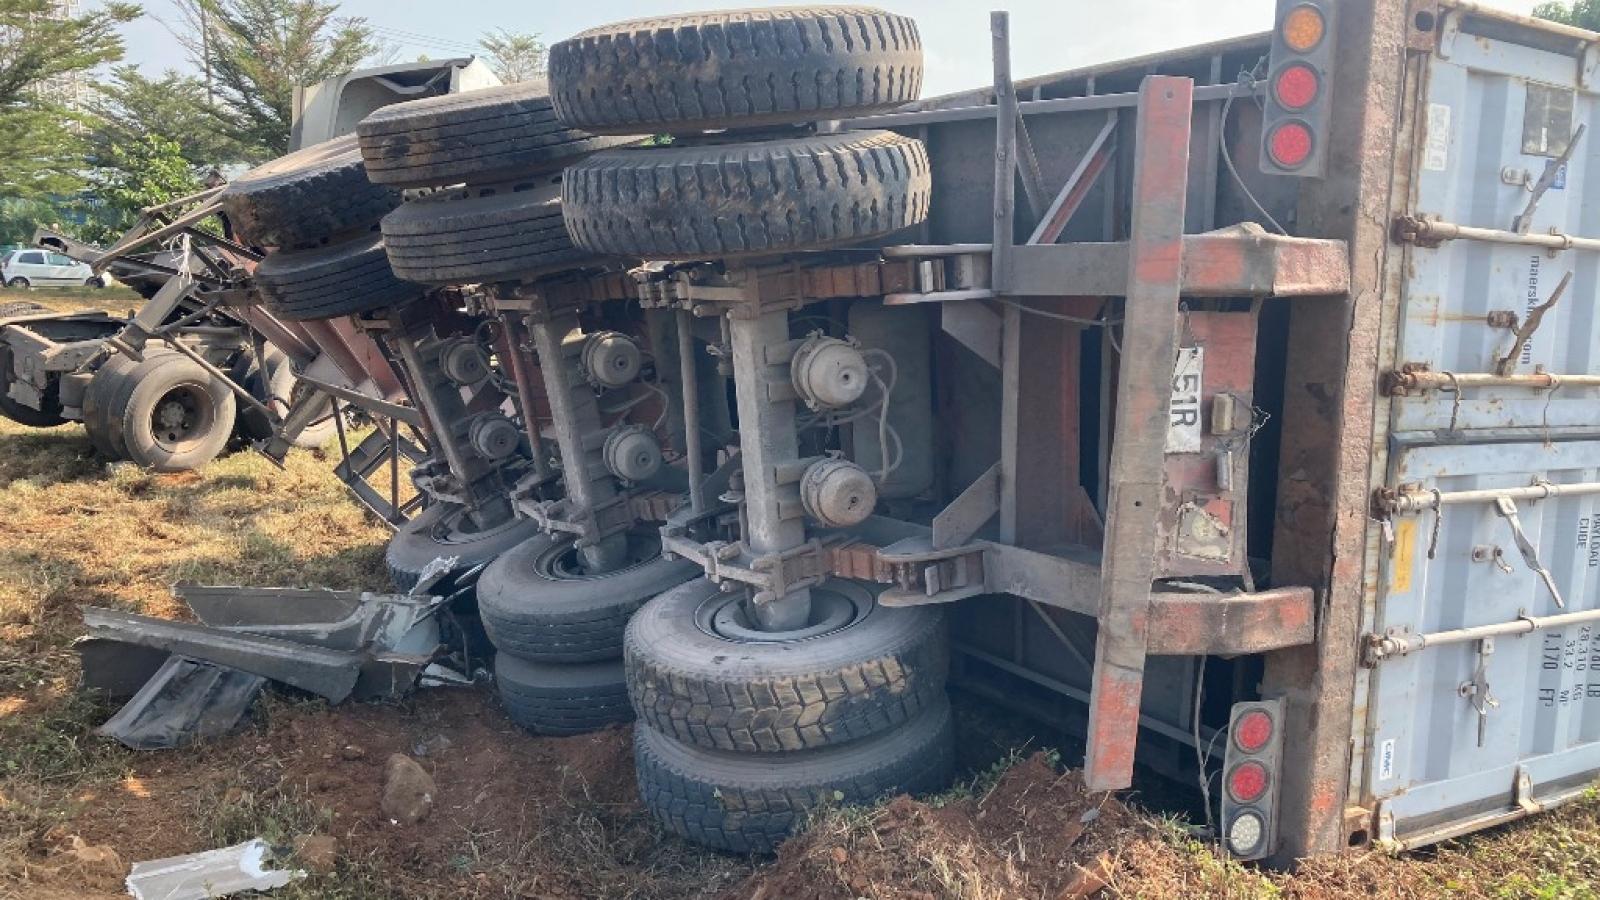 Xe container va chạm với máy cày rồi lật nhào, 2 người nhập viện cấp cứu